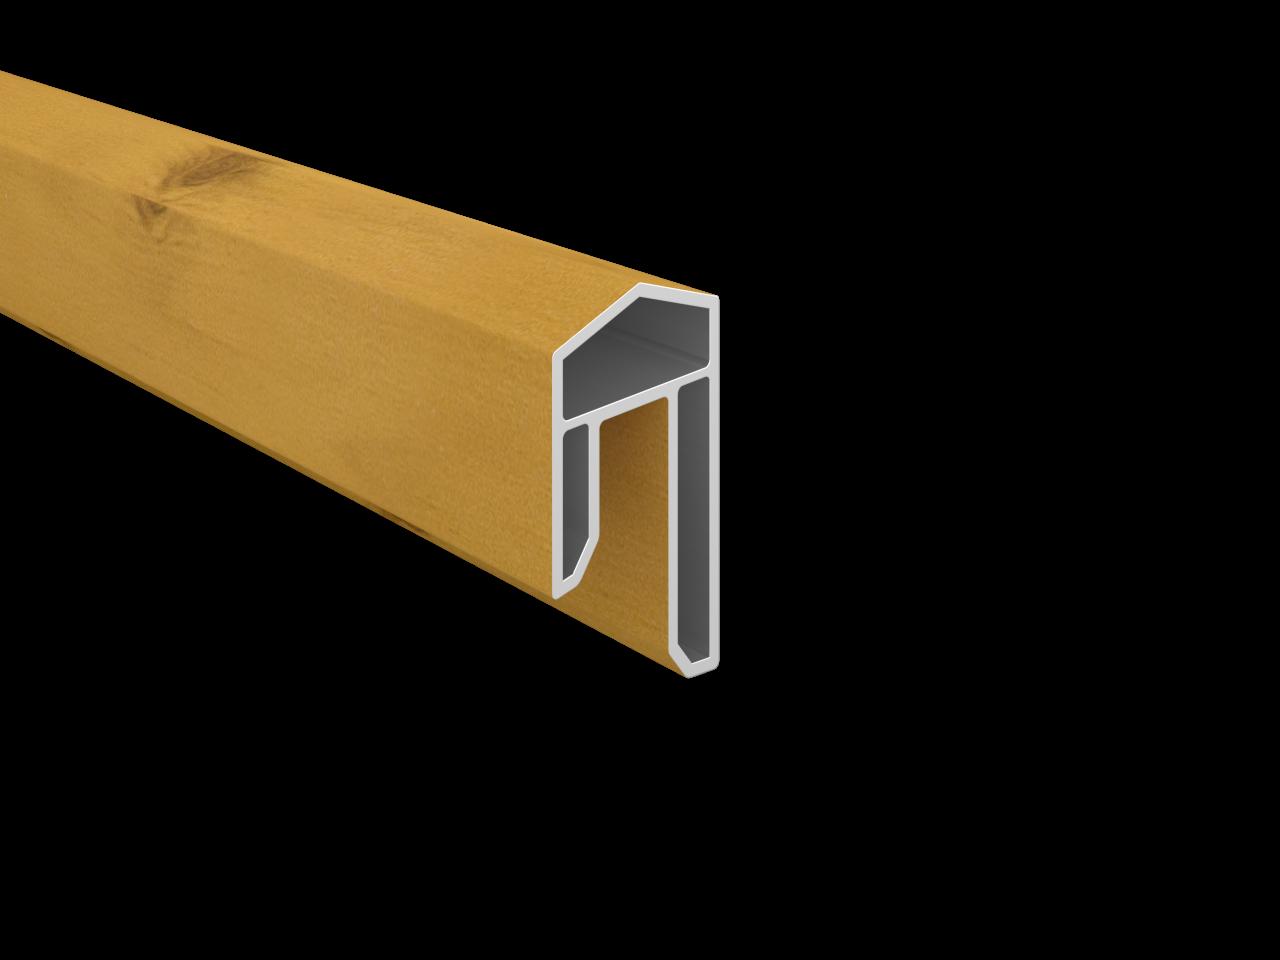 BALTIC-Serie KS-Abdeckleiste 17 x 31 x 1760 mm, ASTFICHTE